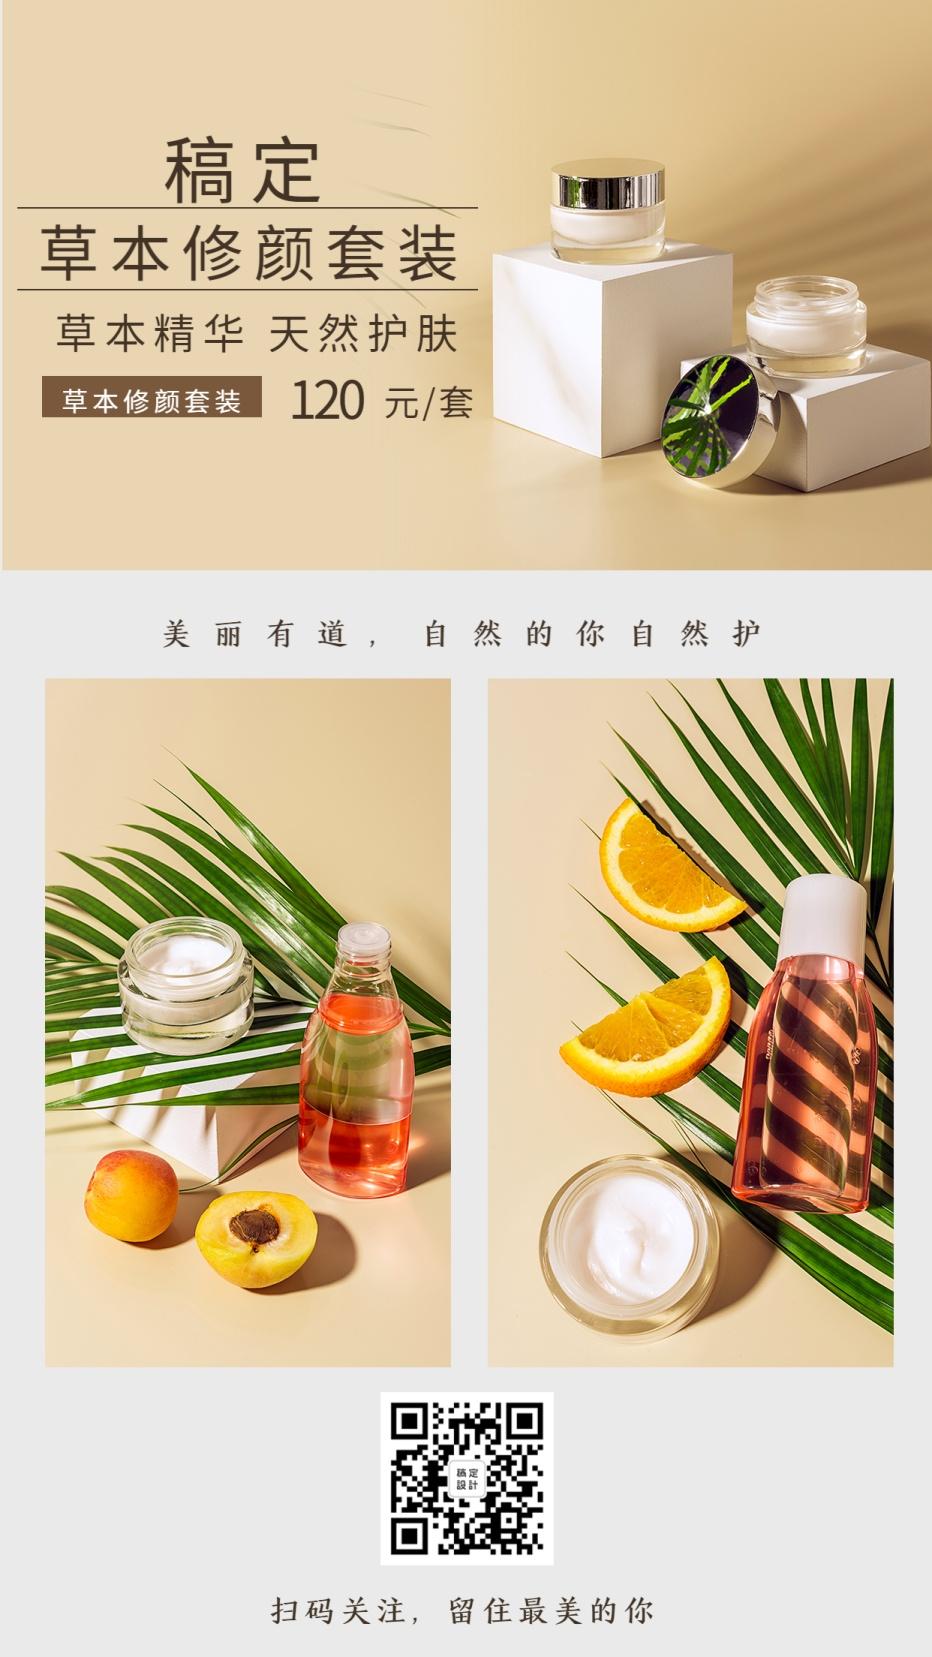 化妆品产品展示促销拼图海报